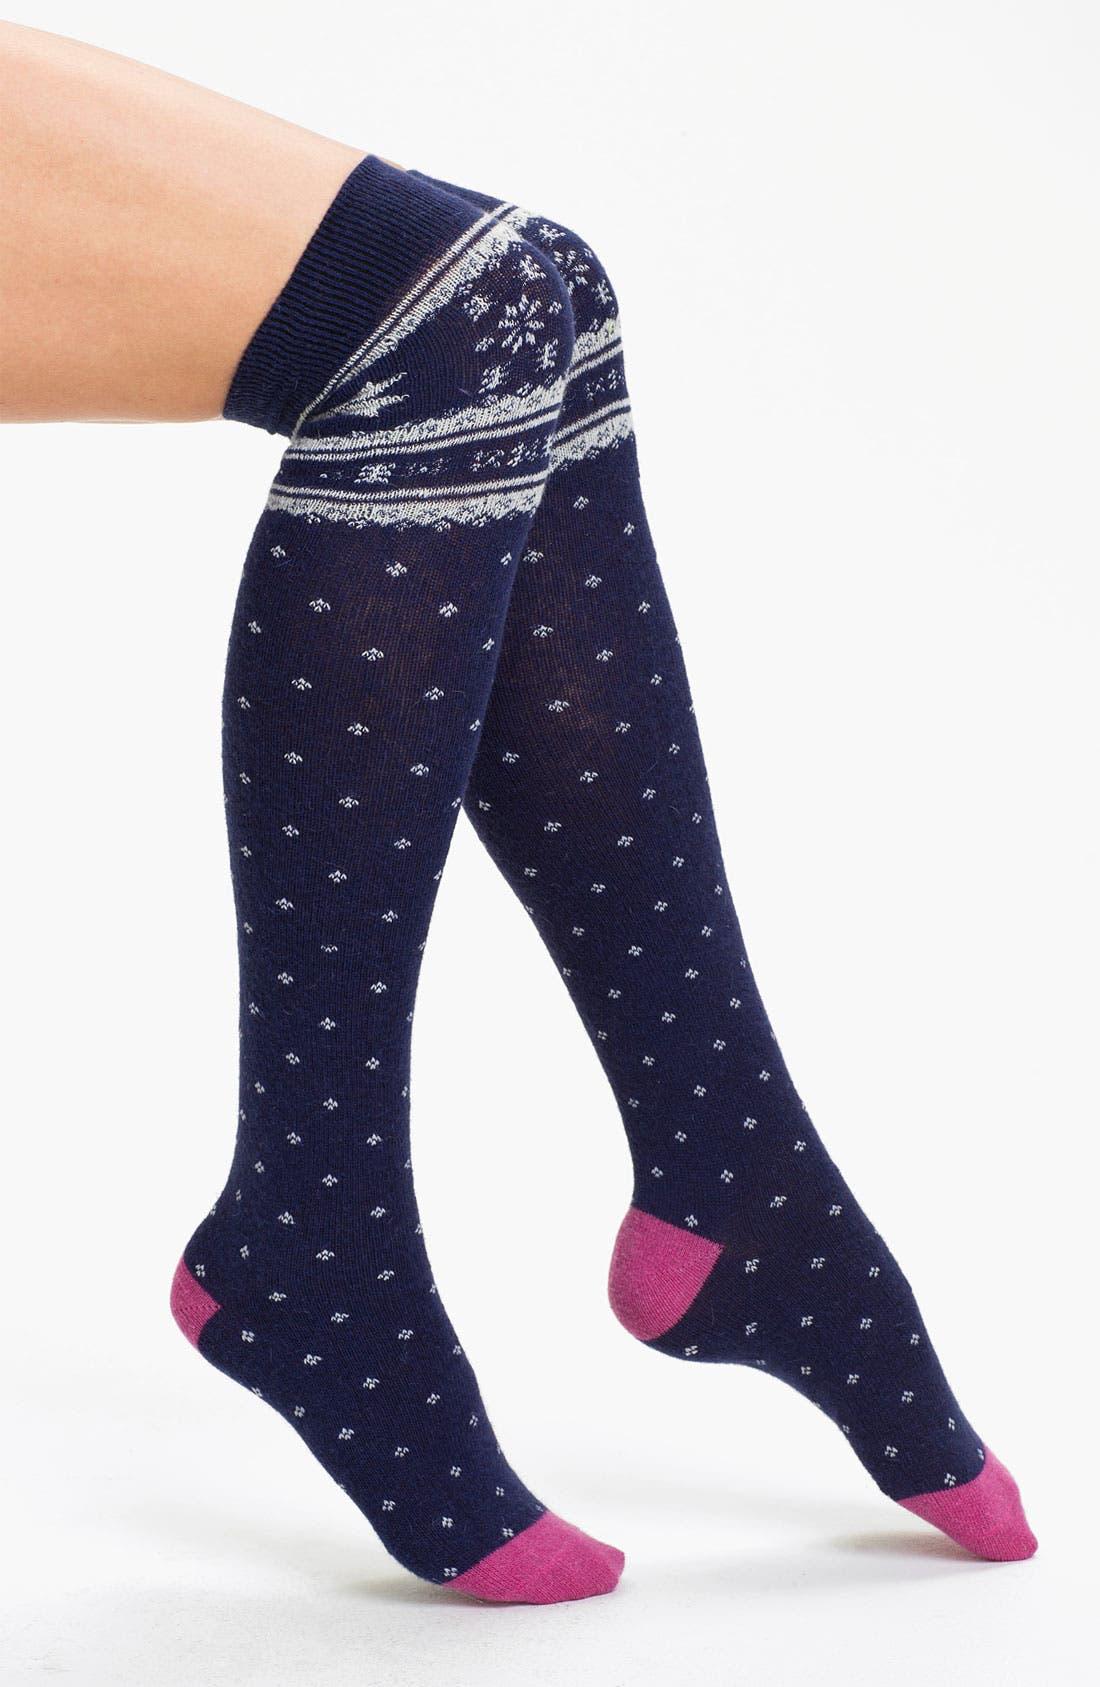 Main Image - Make + Model 'Critter Fair Isle' Over The Knee Socks